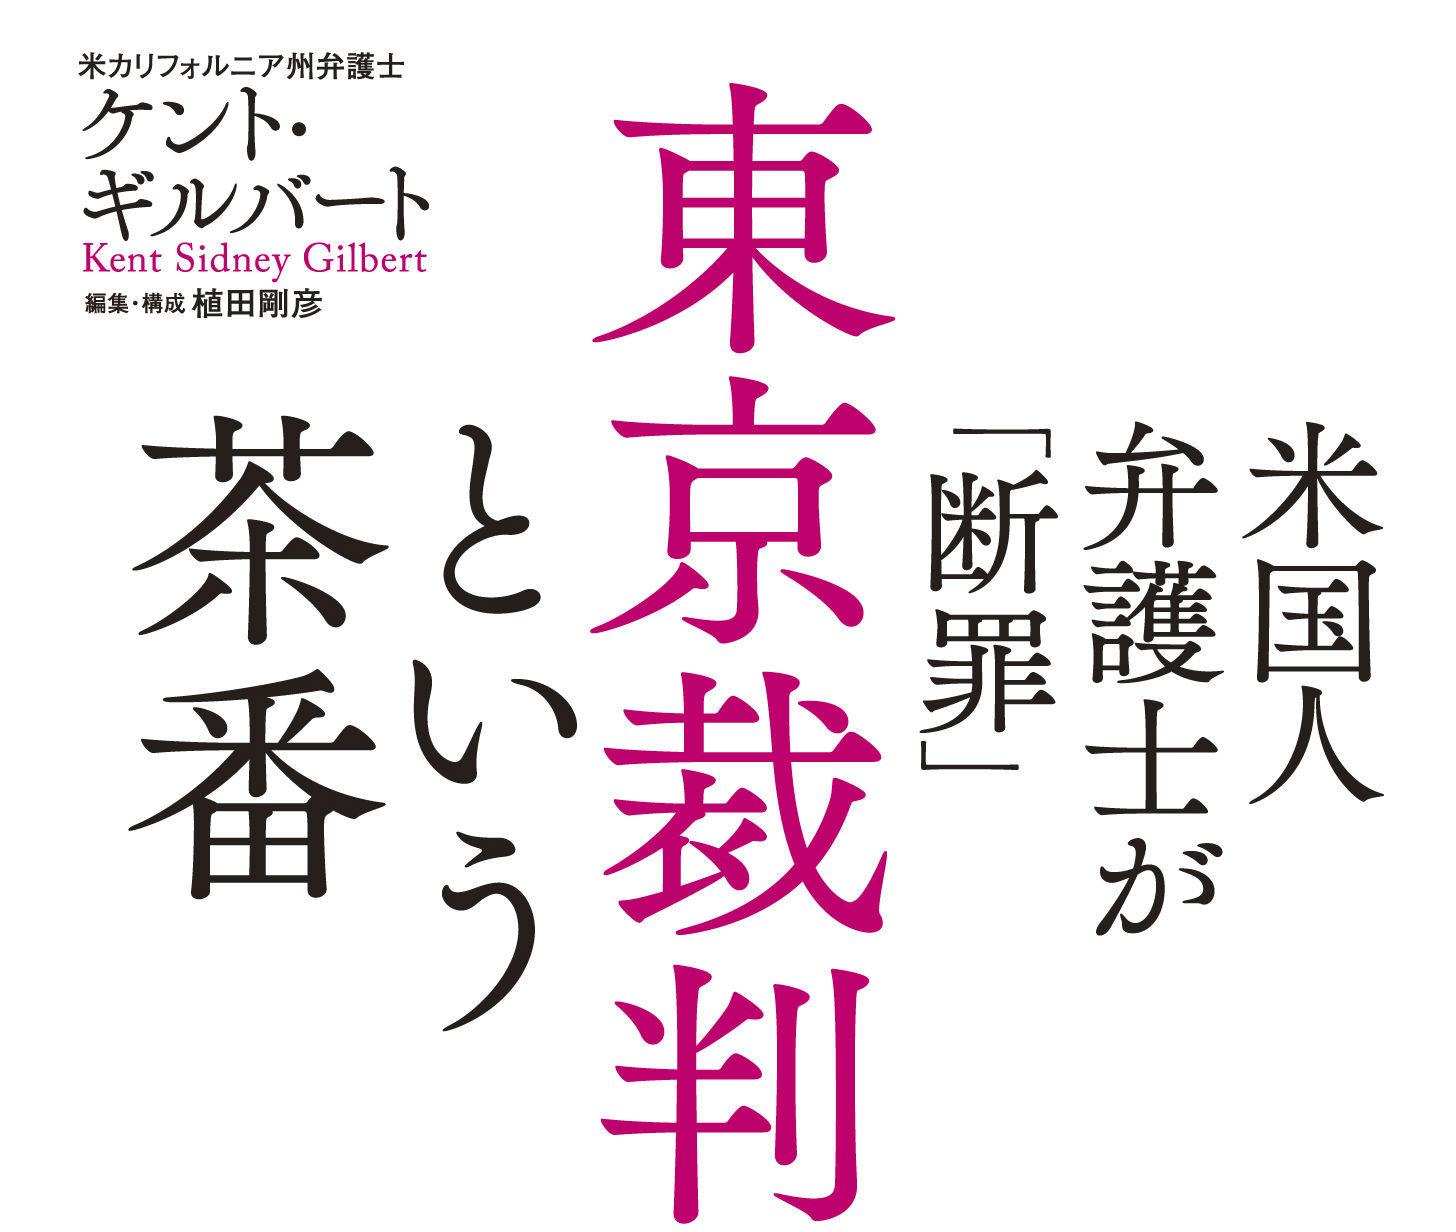 東京裁判のデタラメ。検察側は宣誓のない供述も証拠採用し、弁護側に有利な証拠は却下された<br />